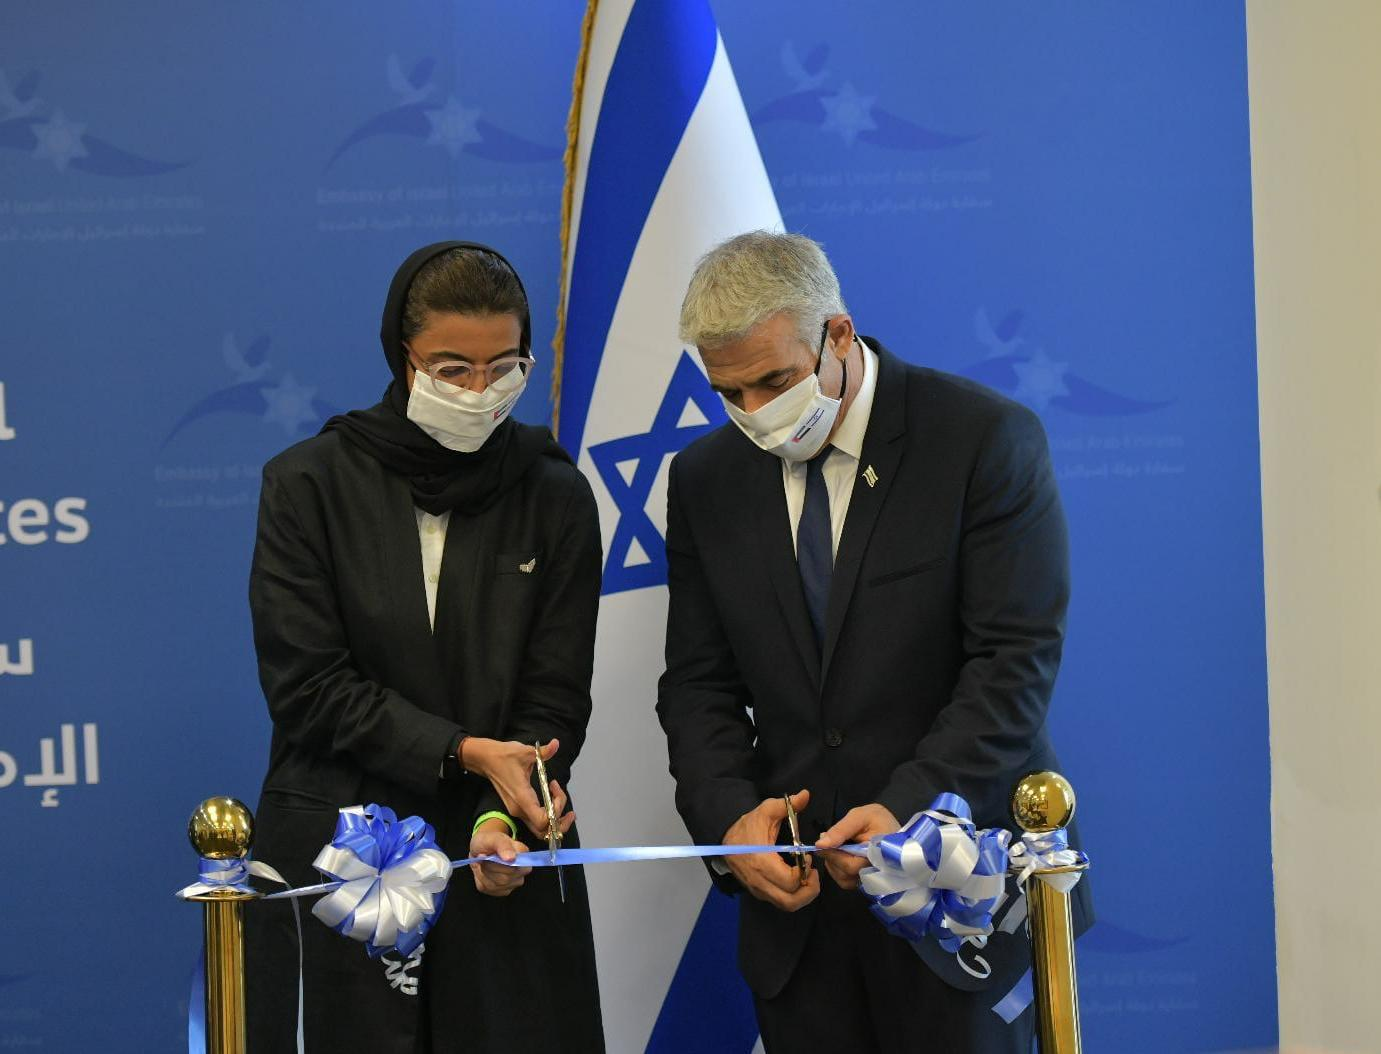 افتتاح السفارة الإسرائيلية في أبوظبي